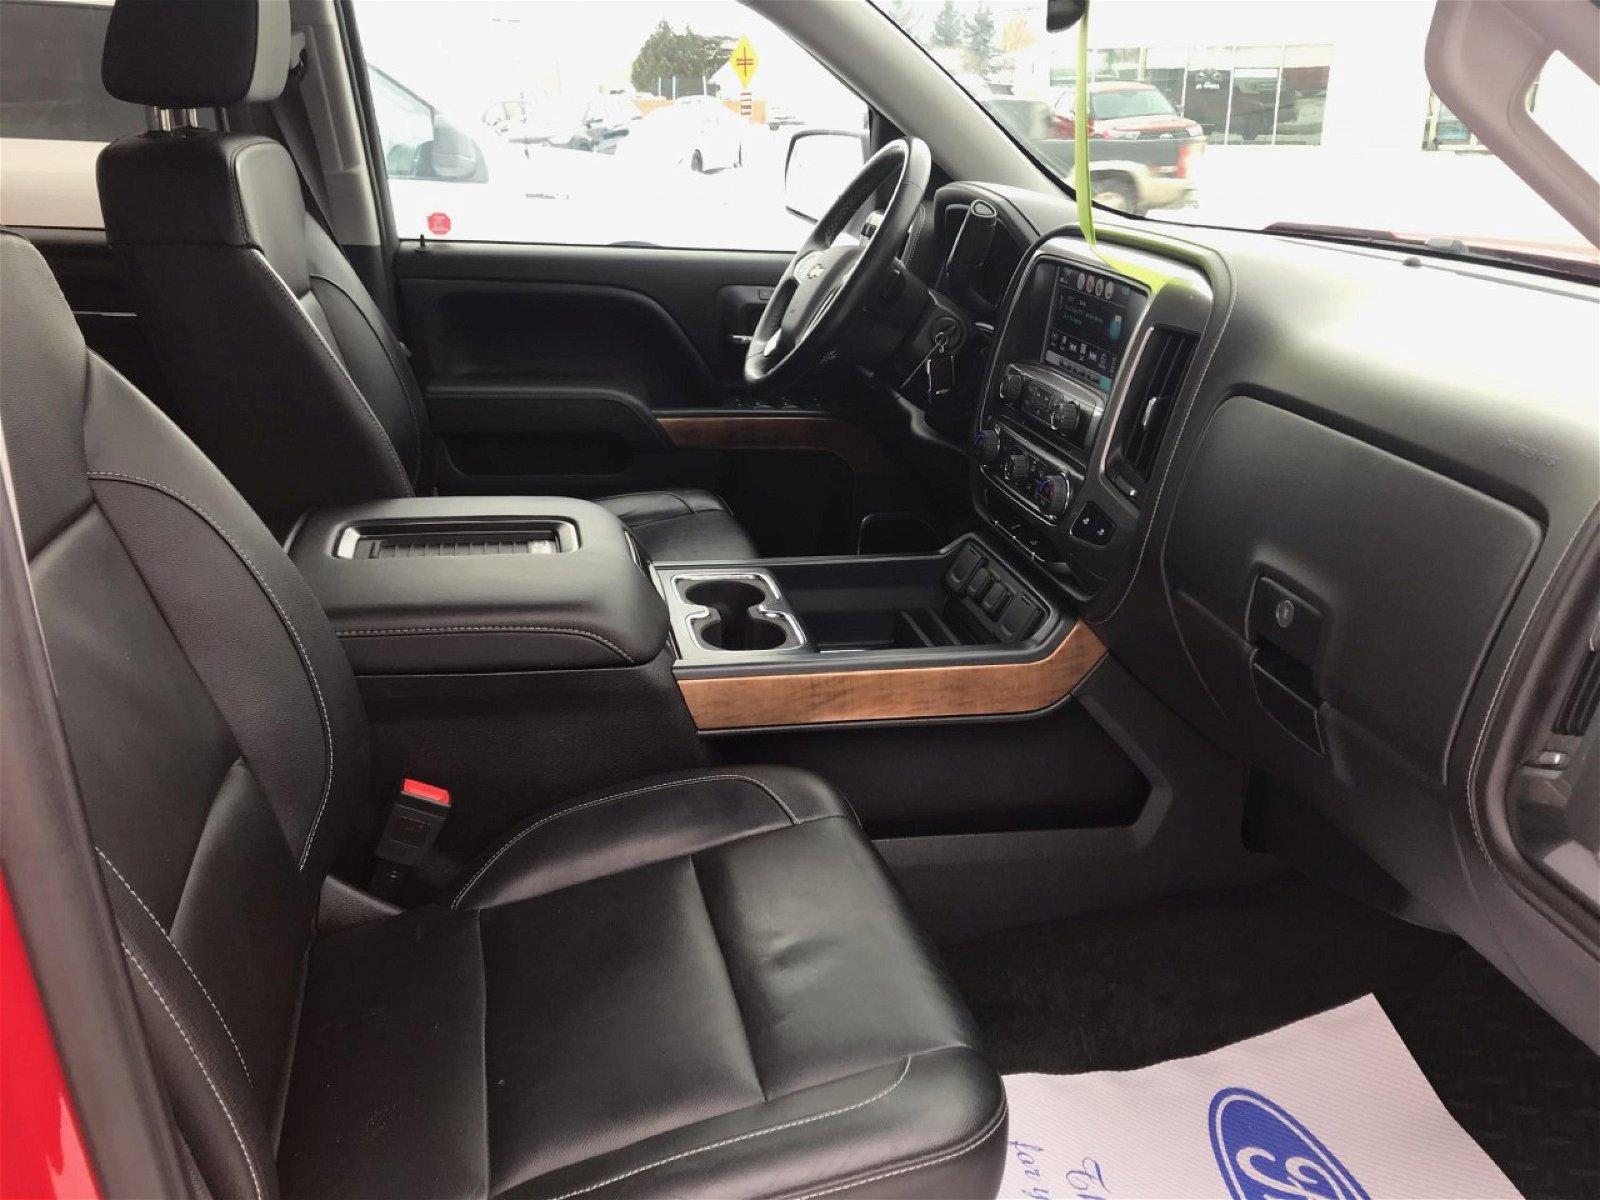 2017 Chevrolet Silverado 1500 LTZ Crew 4X4